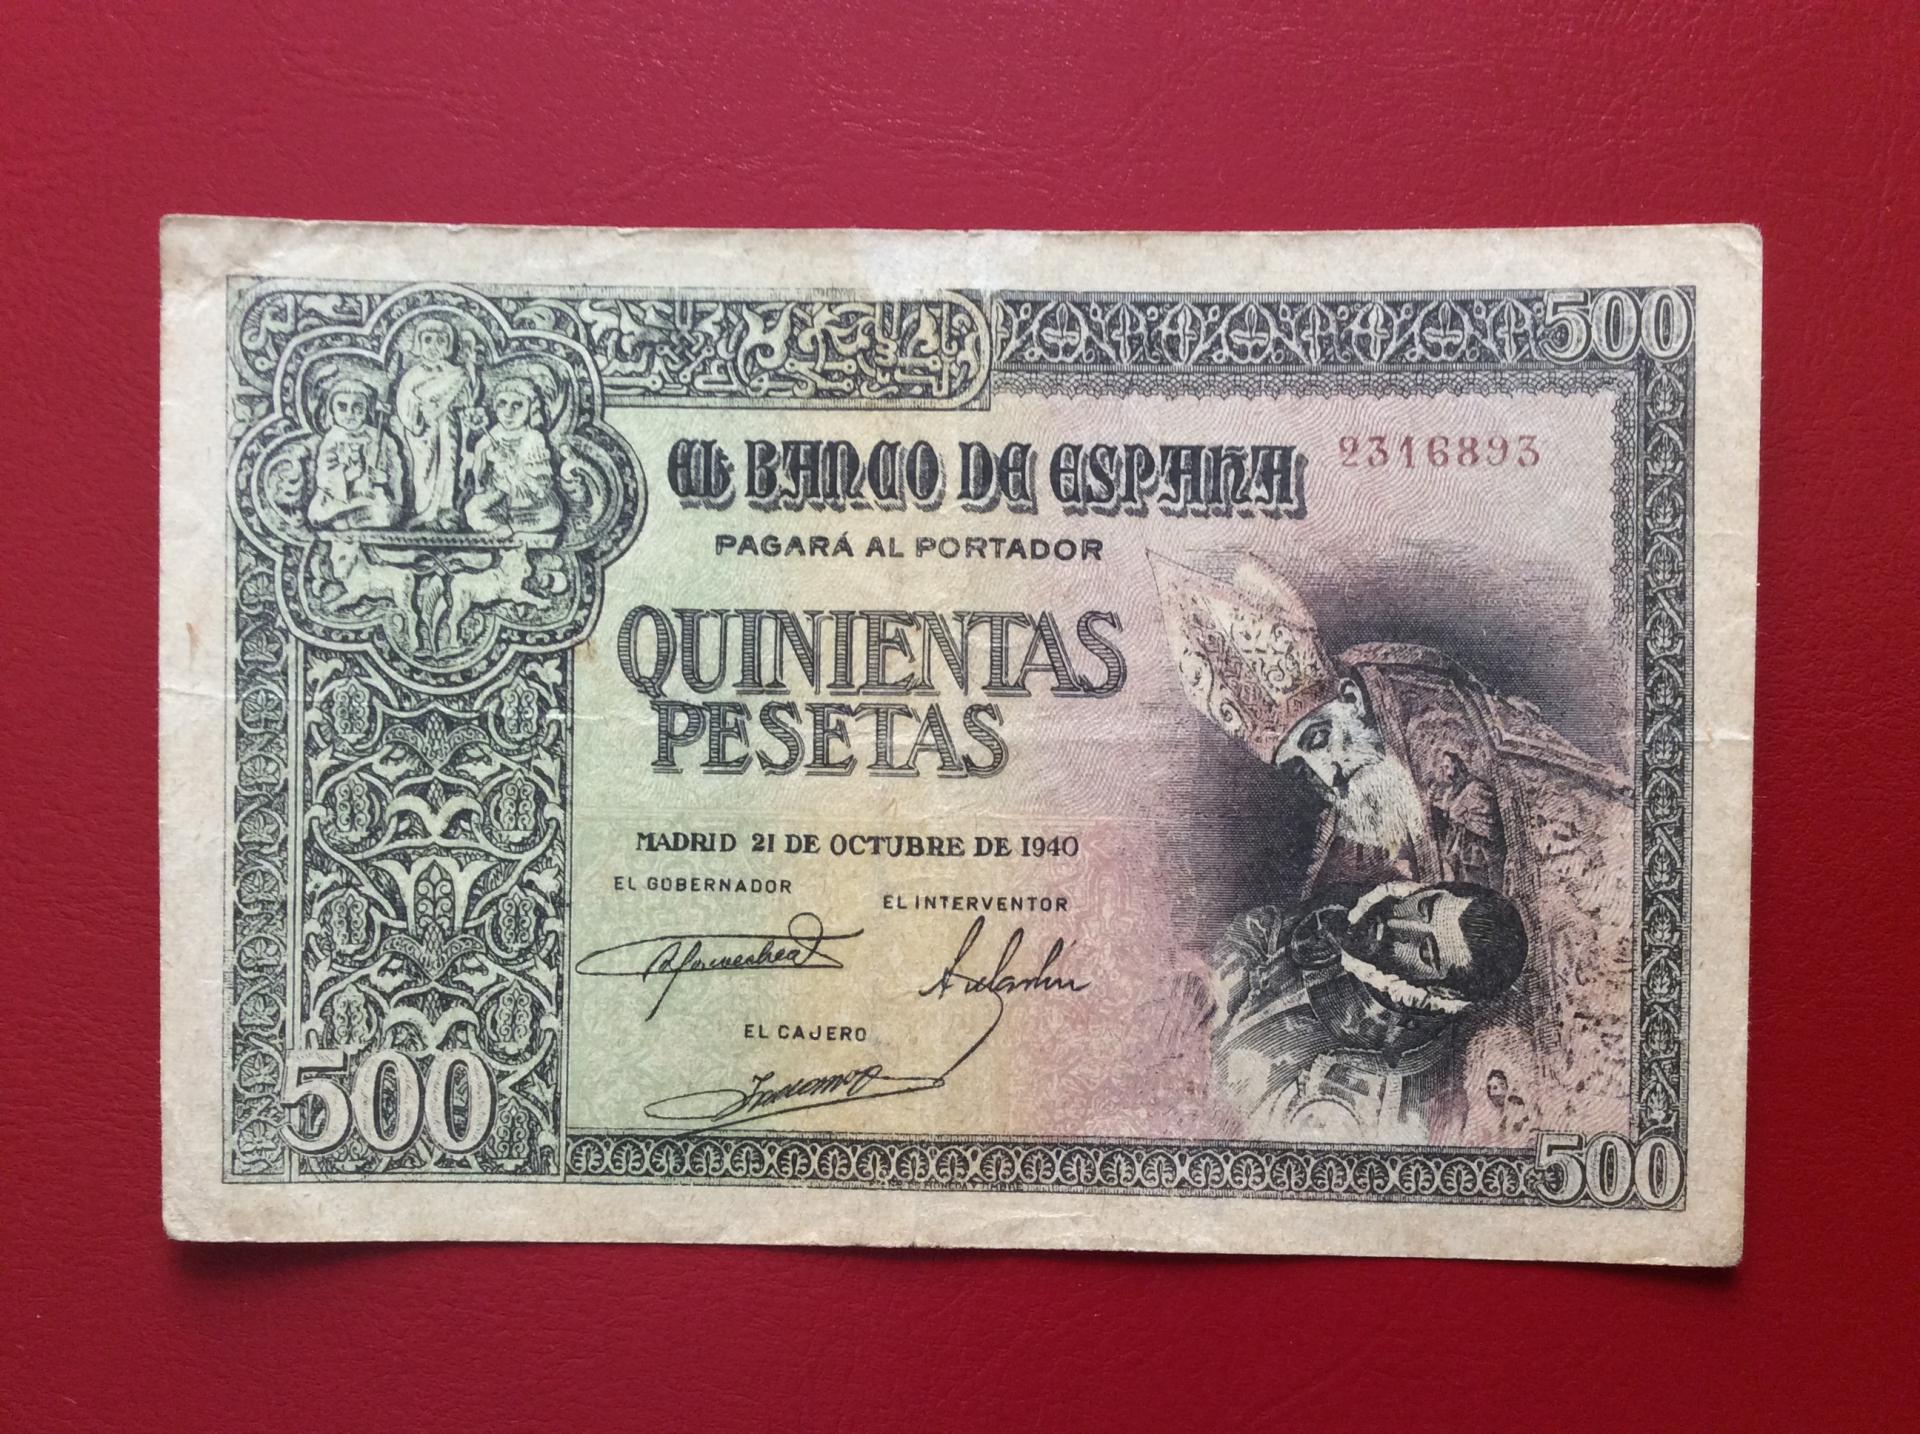 500 PESETAS OCTUBRE 1940 - ENTIERRO DEL CONDE DE ORGAZ - ESCASO